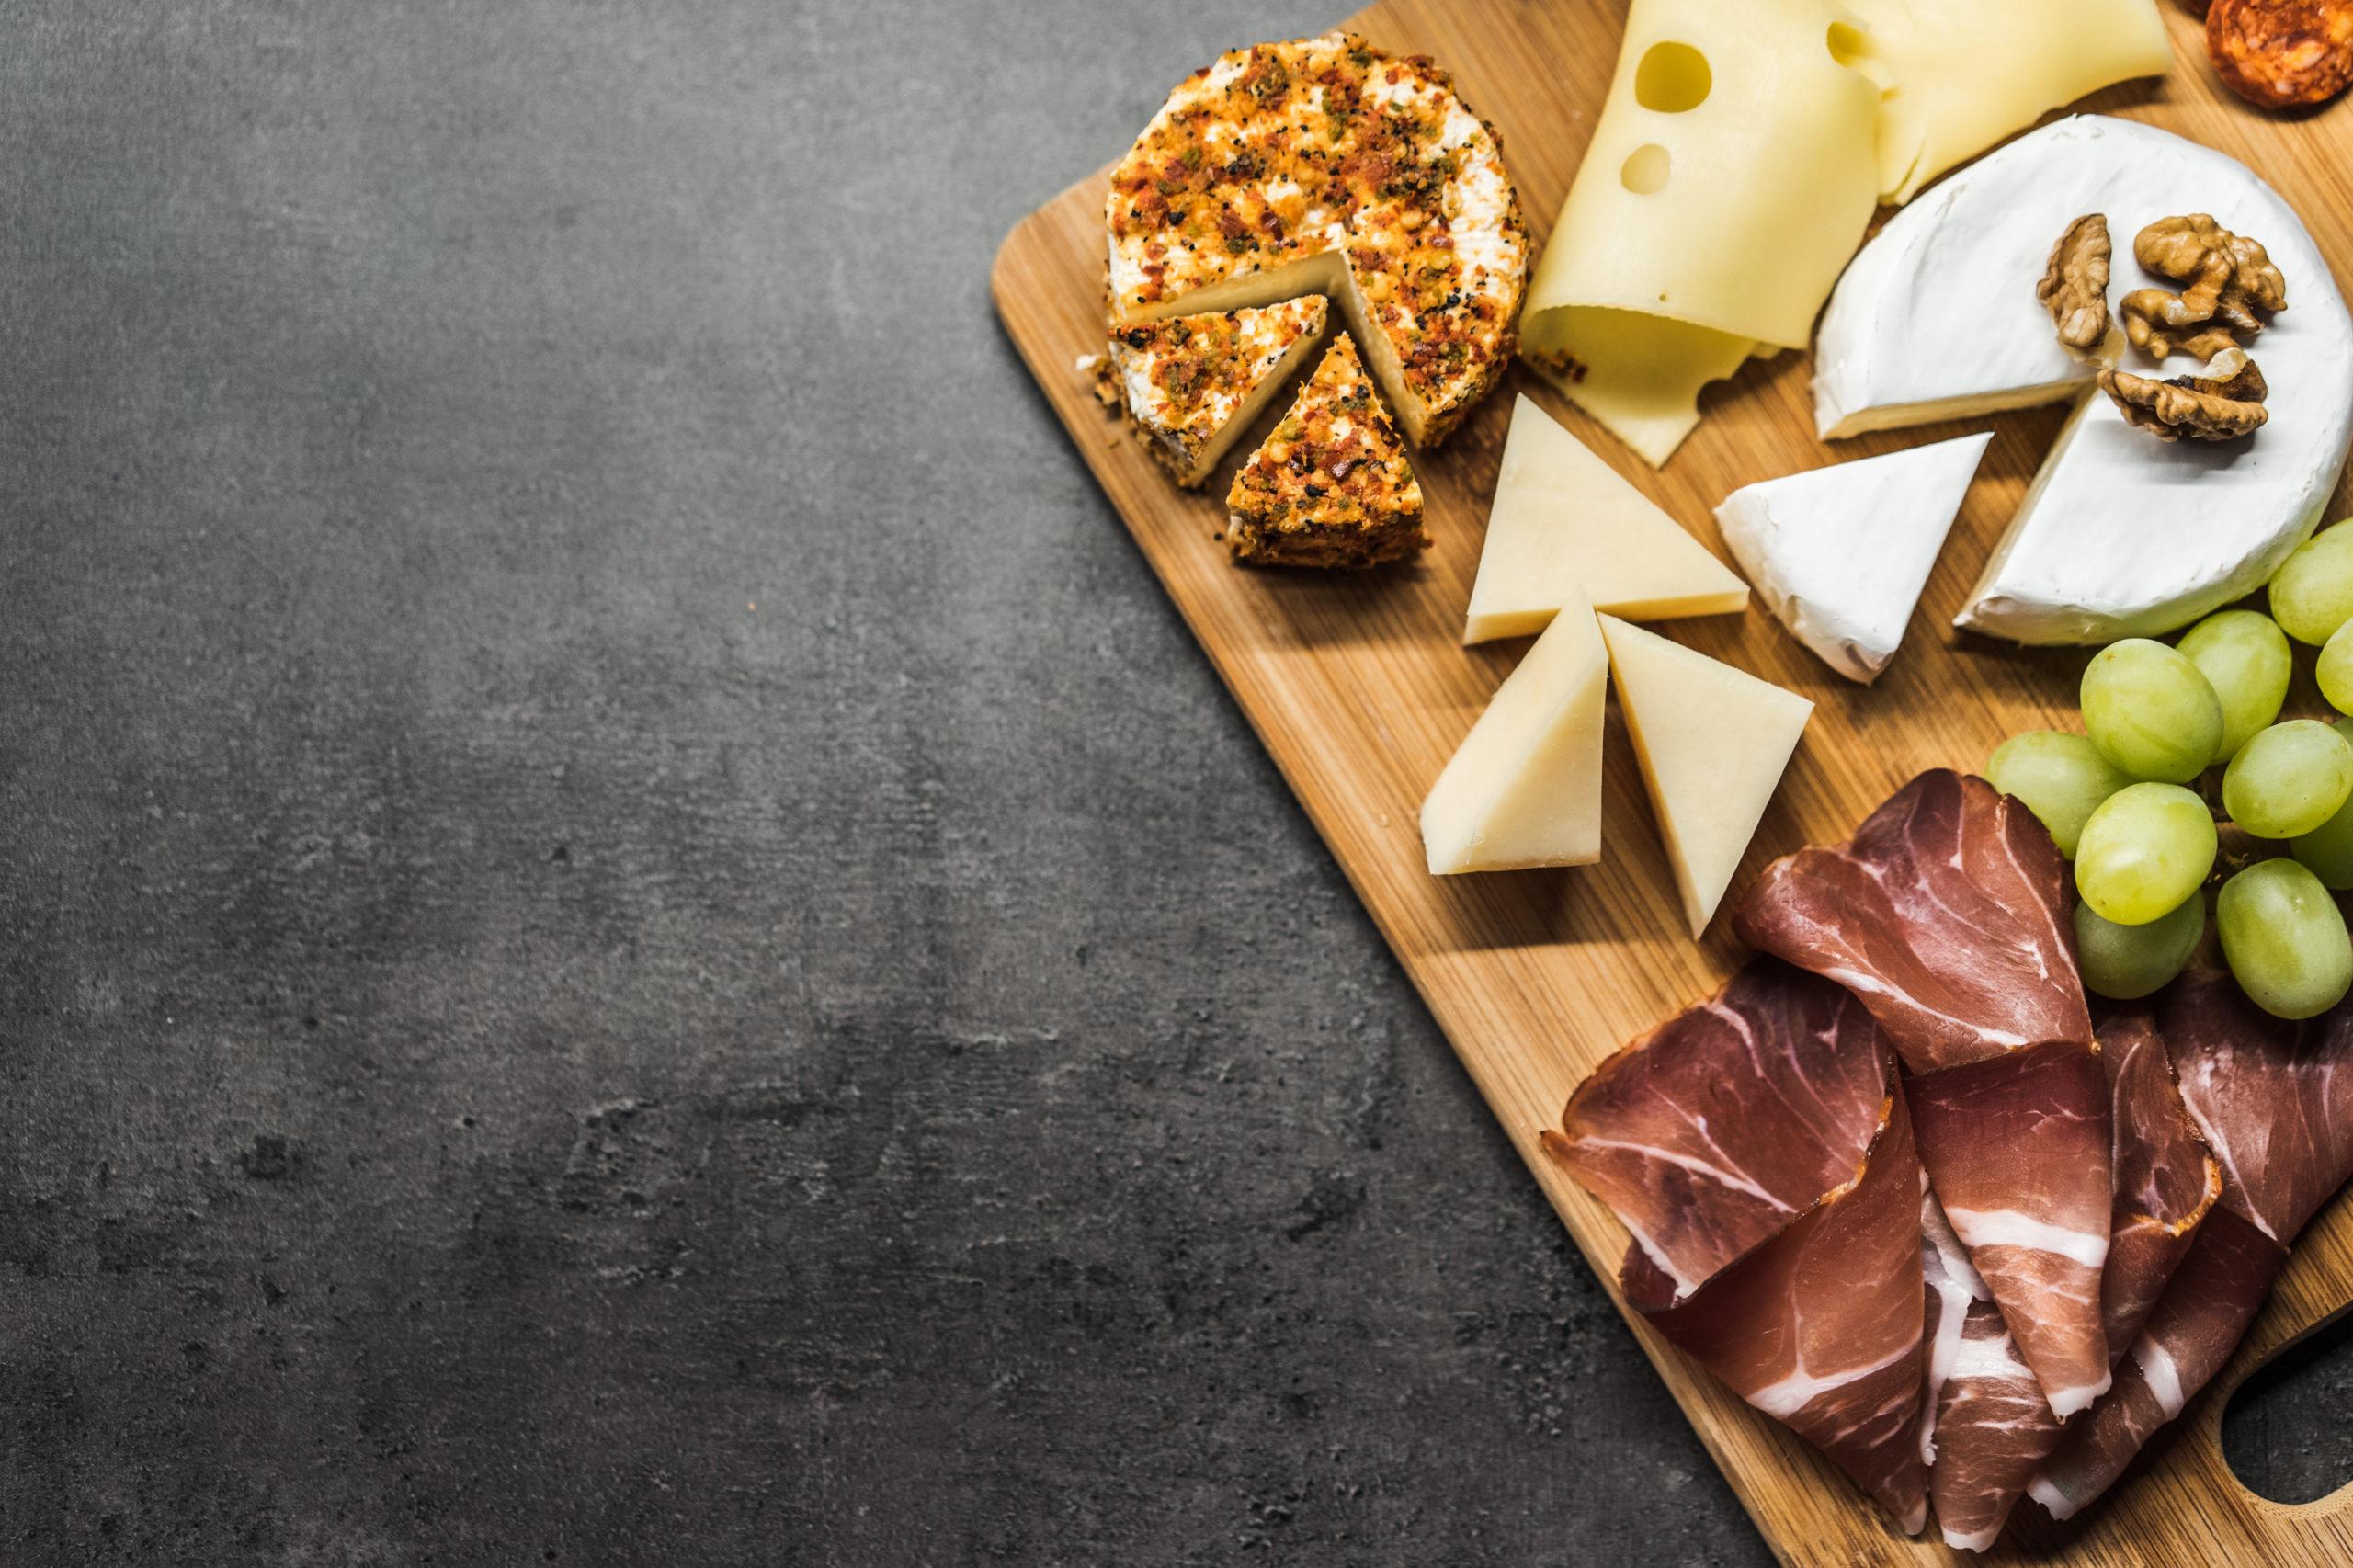 Combien existe-t-il de fromages en France ?